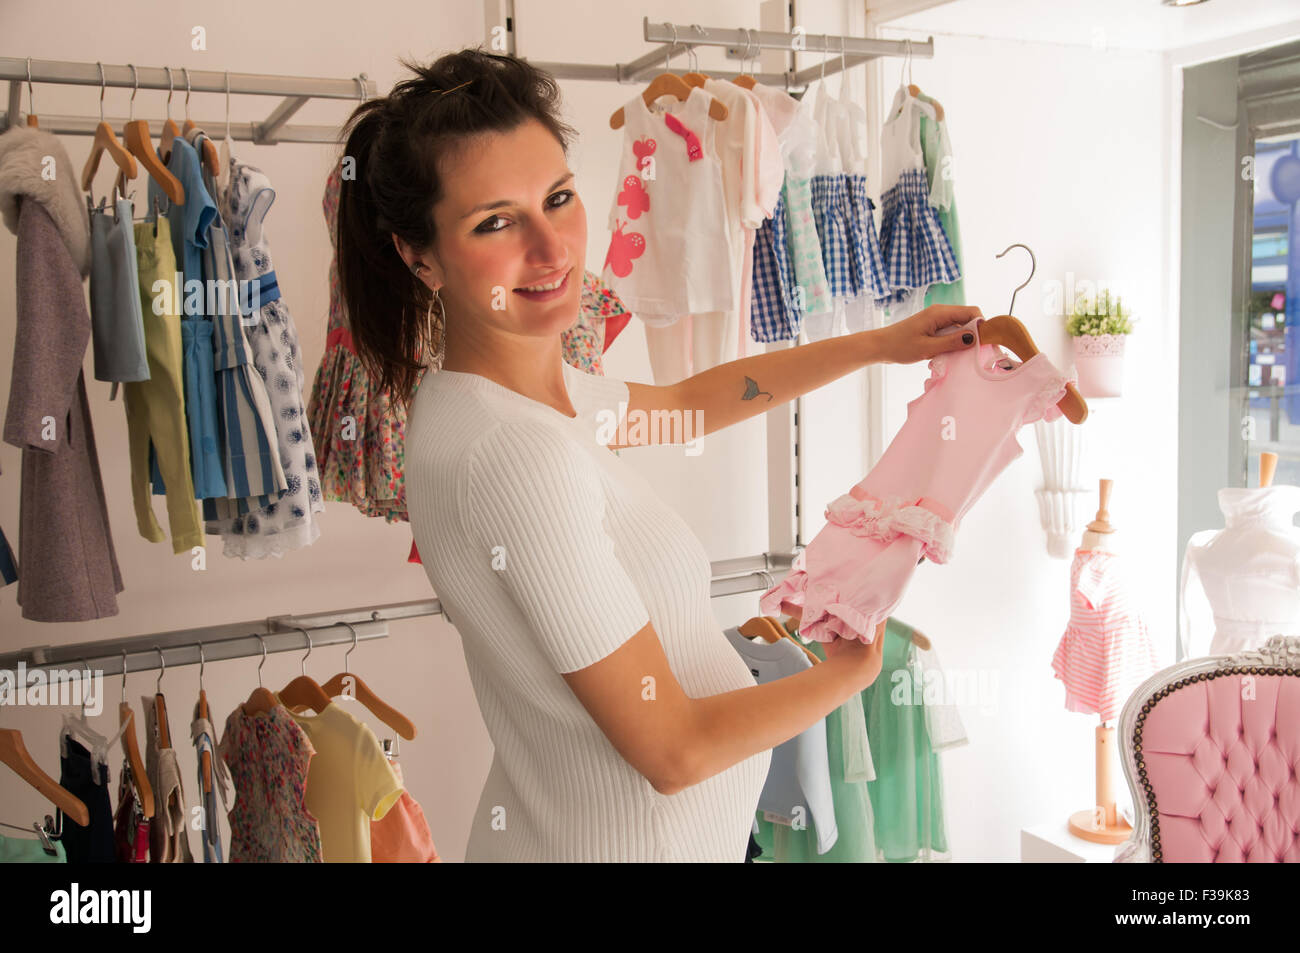 Ritratto di un sorridente donna incinta in un negozio guardando i vestiti  del bambino Immagini Stock 838dc4df461